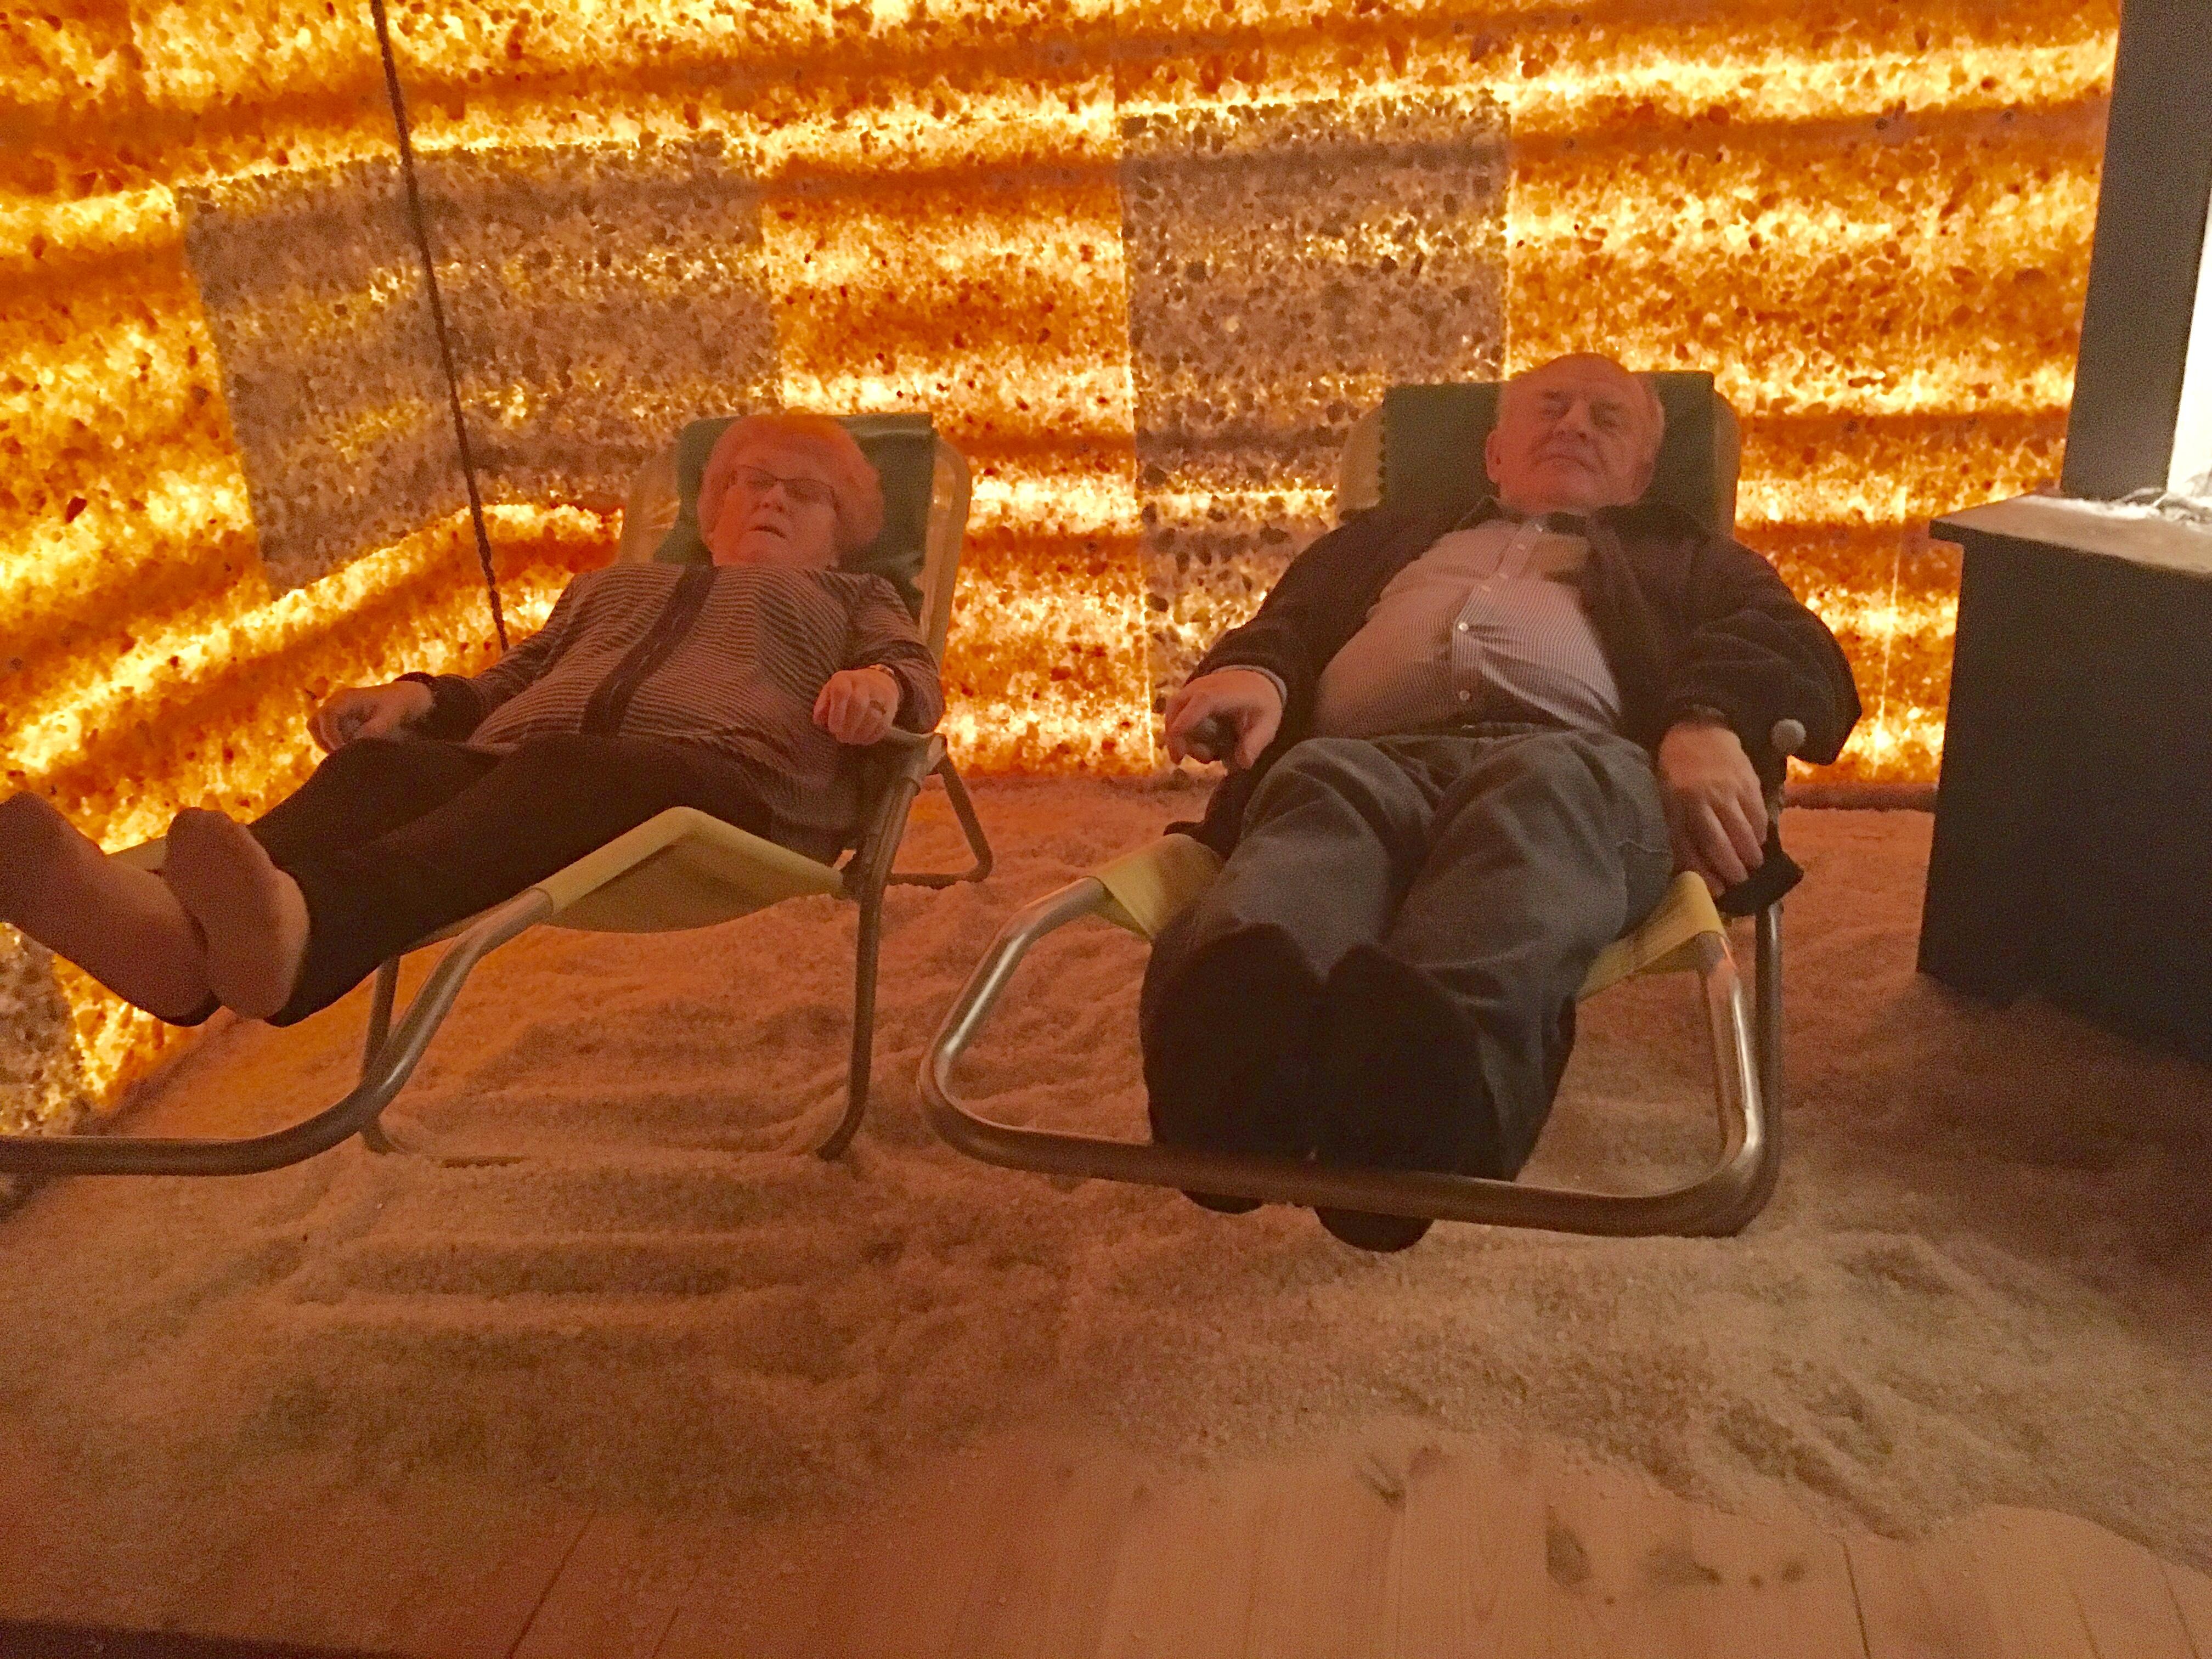 W grocie solnej – dwaj panowie relaksujący się na leżakach w grocie solnej. Pomieszczenie bez okien , ściany podświetlane w brązowo-rudej kolorystyce.